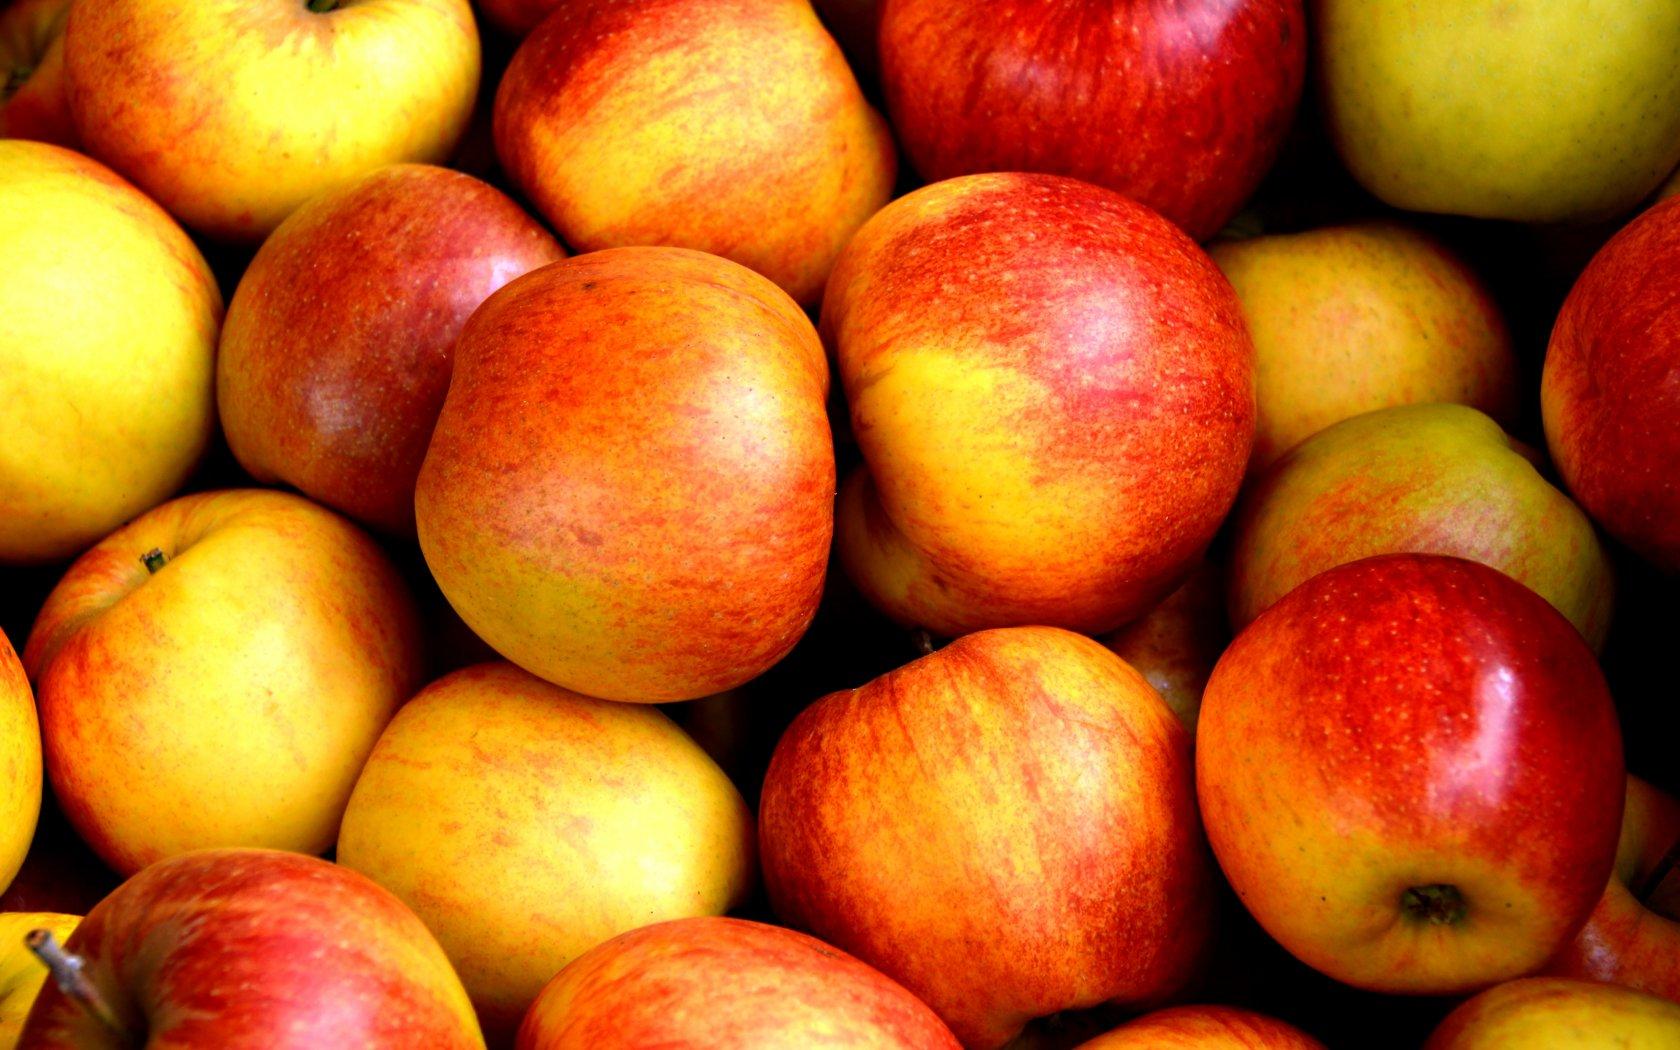 Greenery-teler Van Wijk Fruit genomineerd voor ondernemersprijs